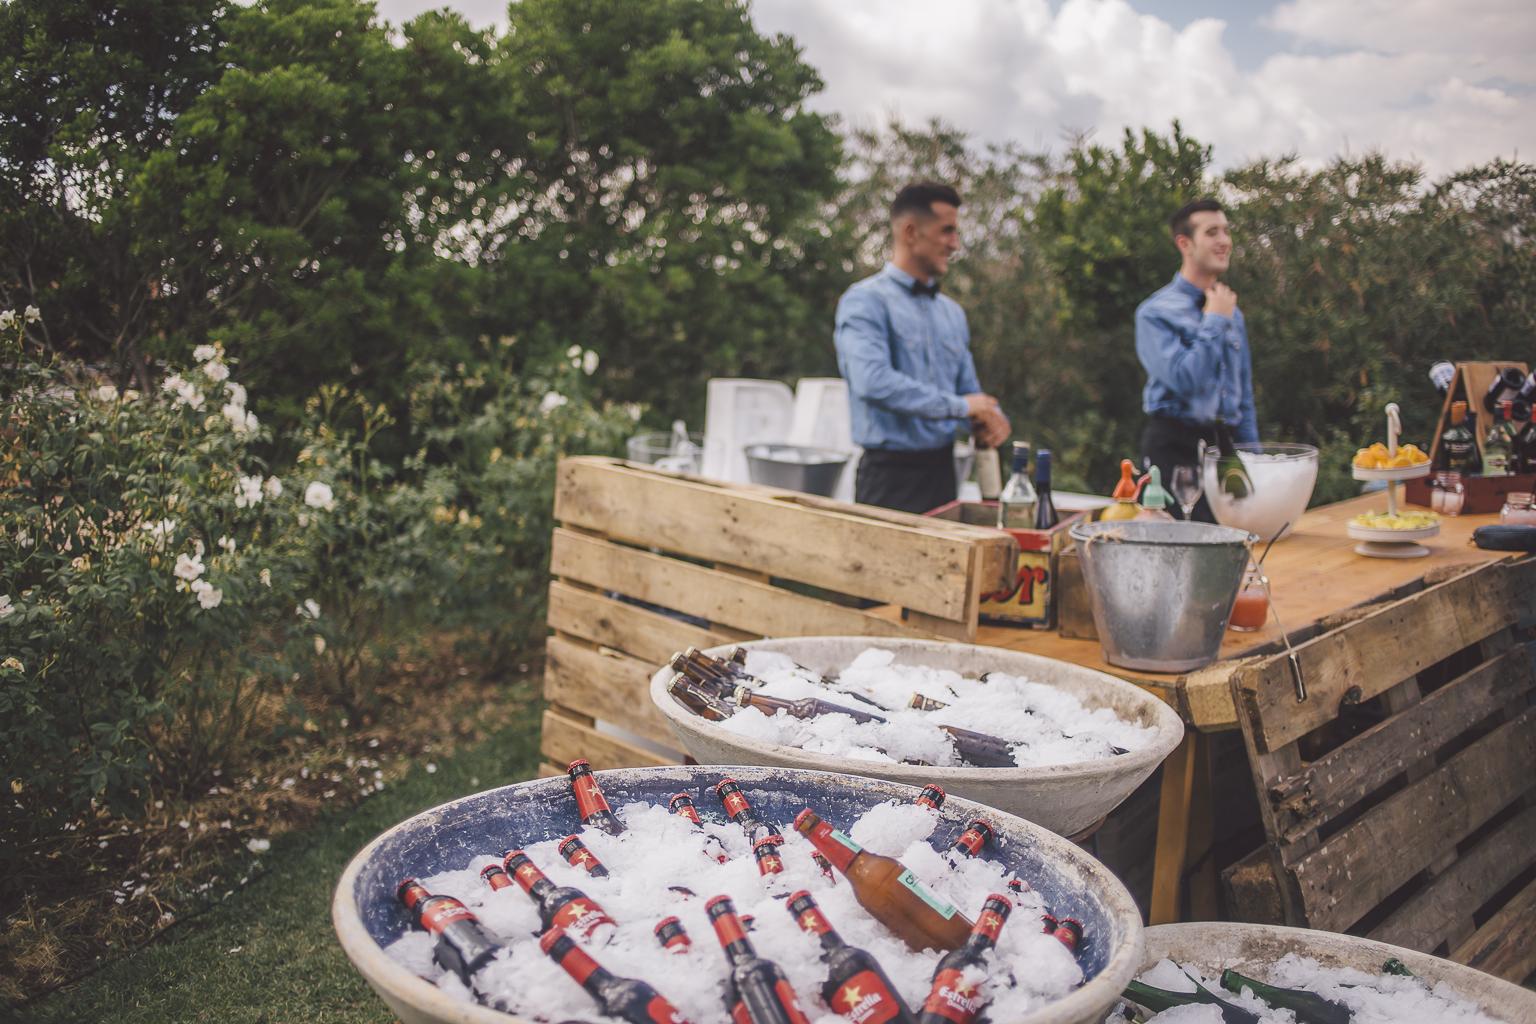 fotógrafo de boda barcelona :: la roureda :: boda en el campo :: boda en una masía :: boda con estilo :: boda con encanto :: fotógrafo natural de bodas :: fotógrafía de bodas :: Fotografía de boda :: boda romántica